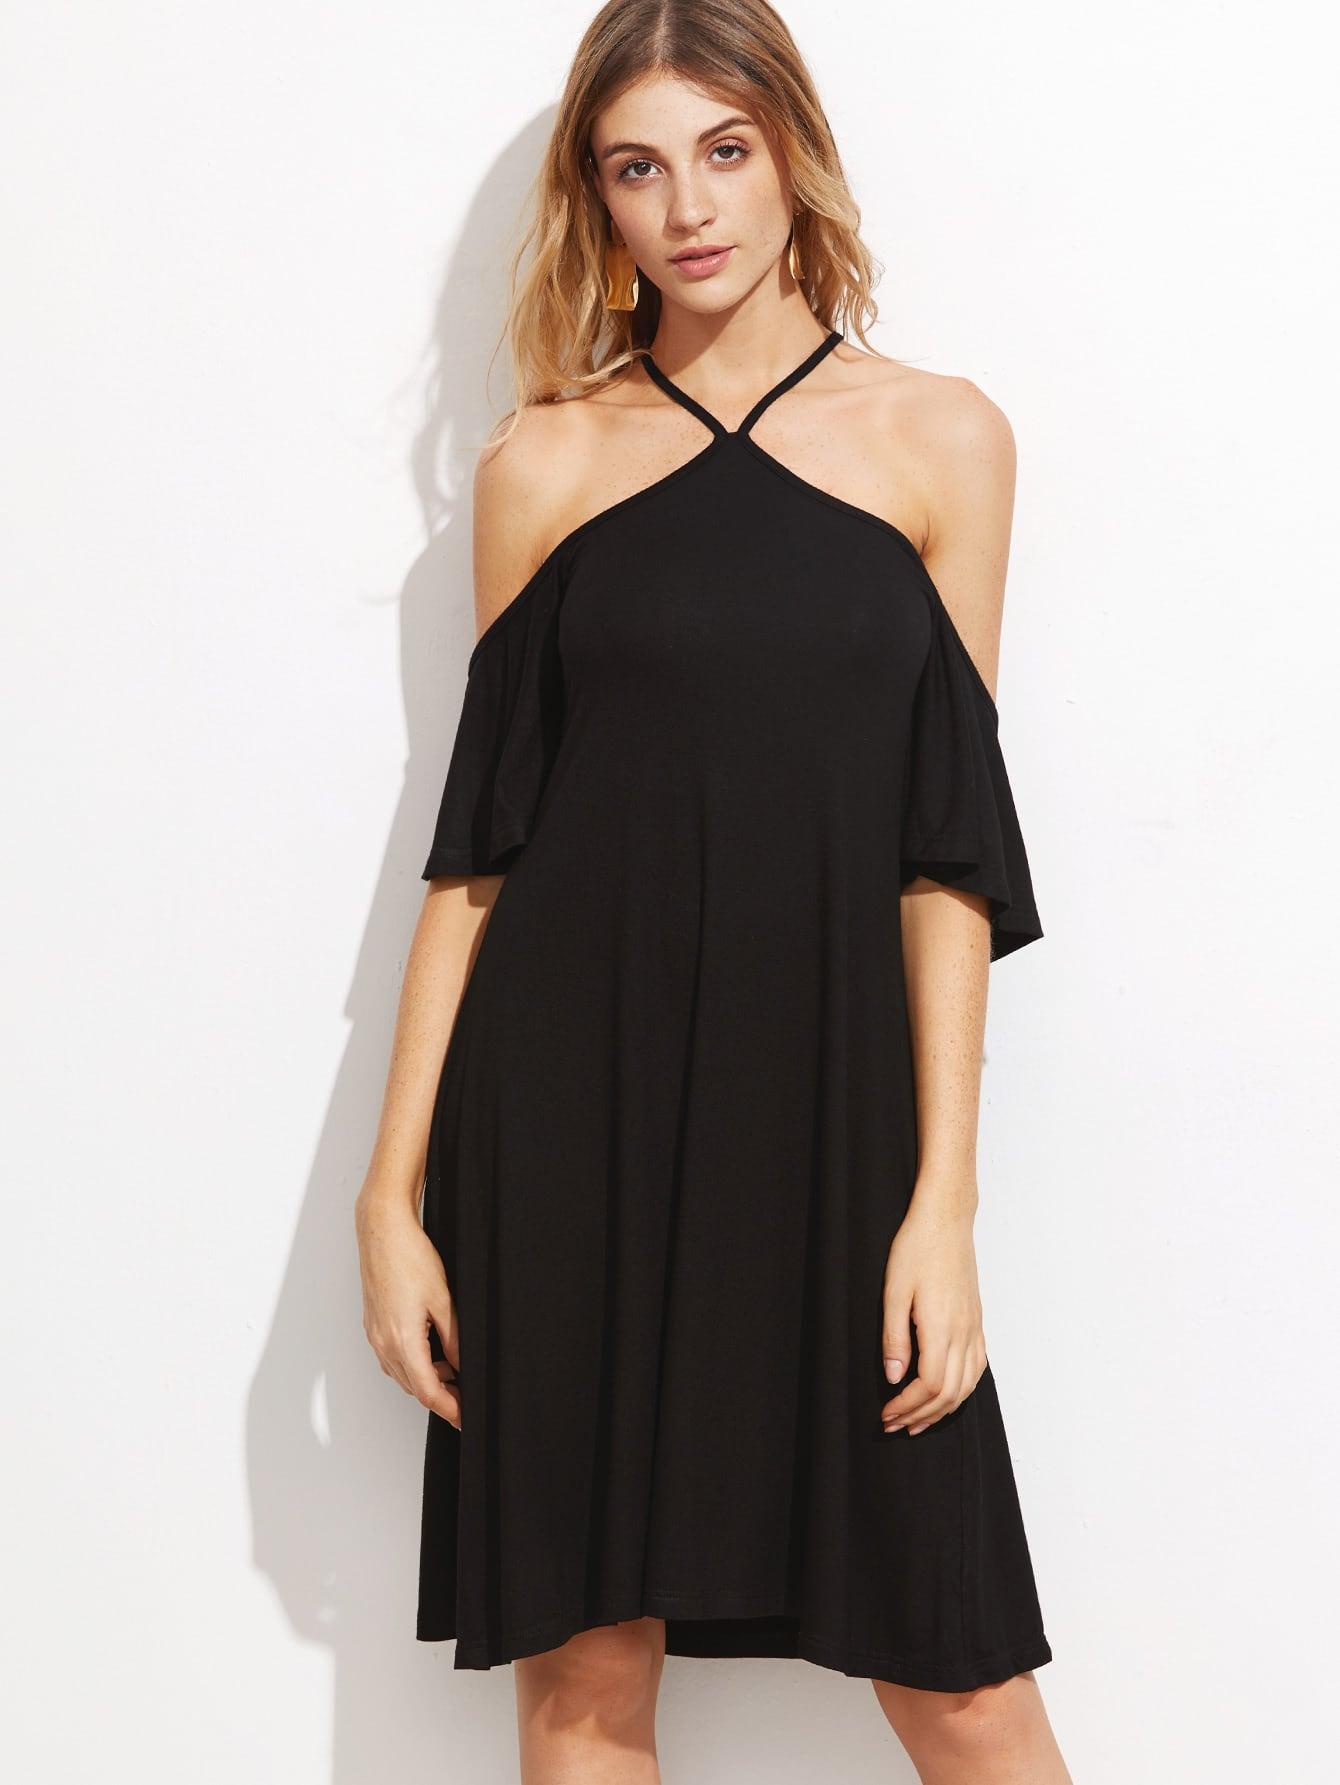 dress161012708_2